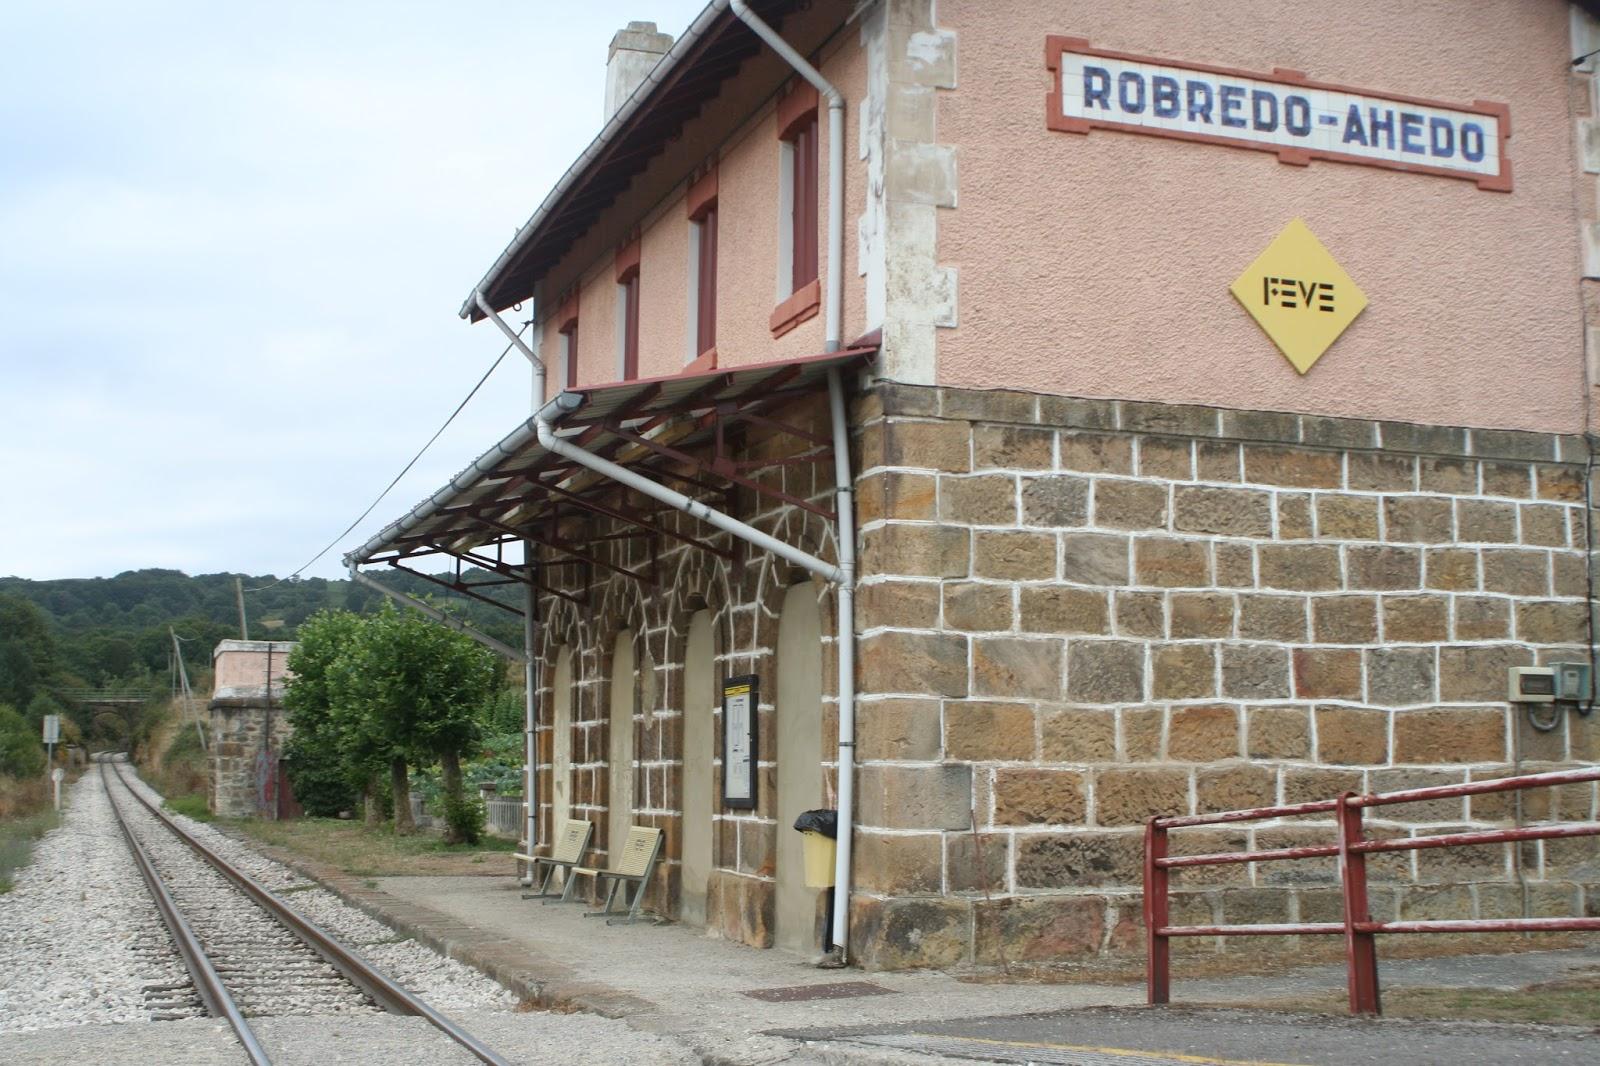 directorio asunto pequeño cerca de Burgos